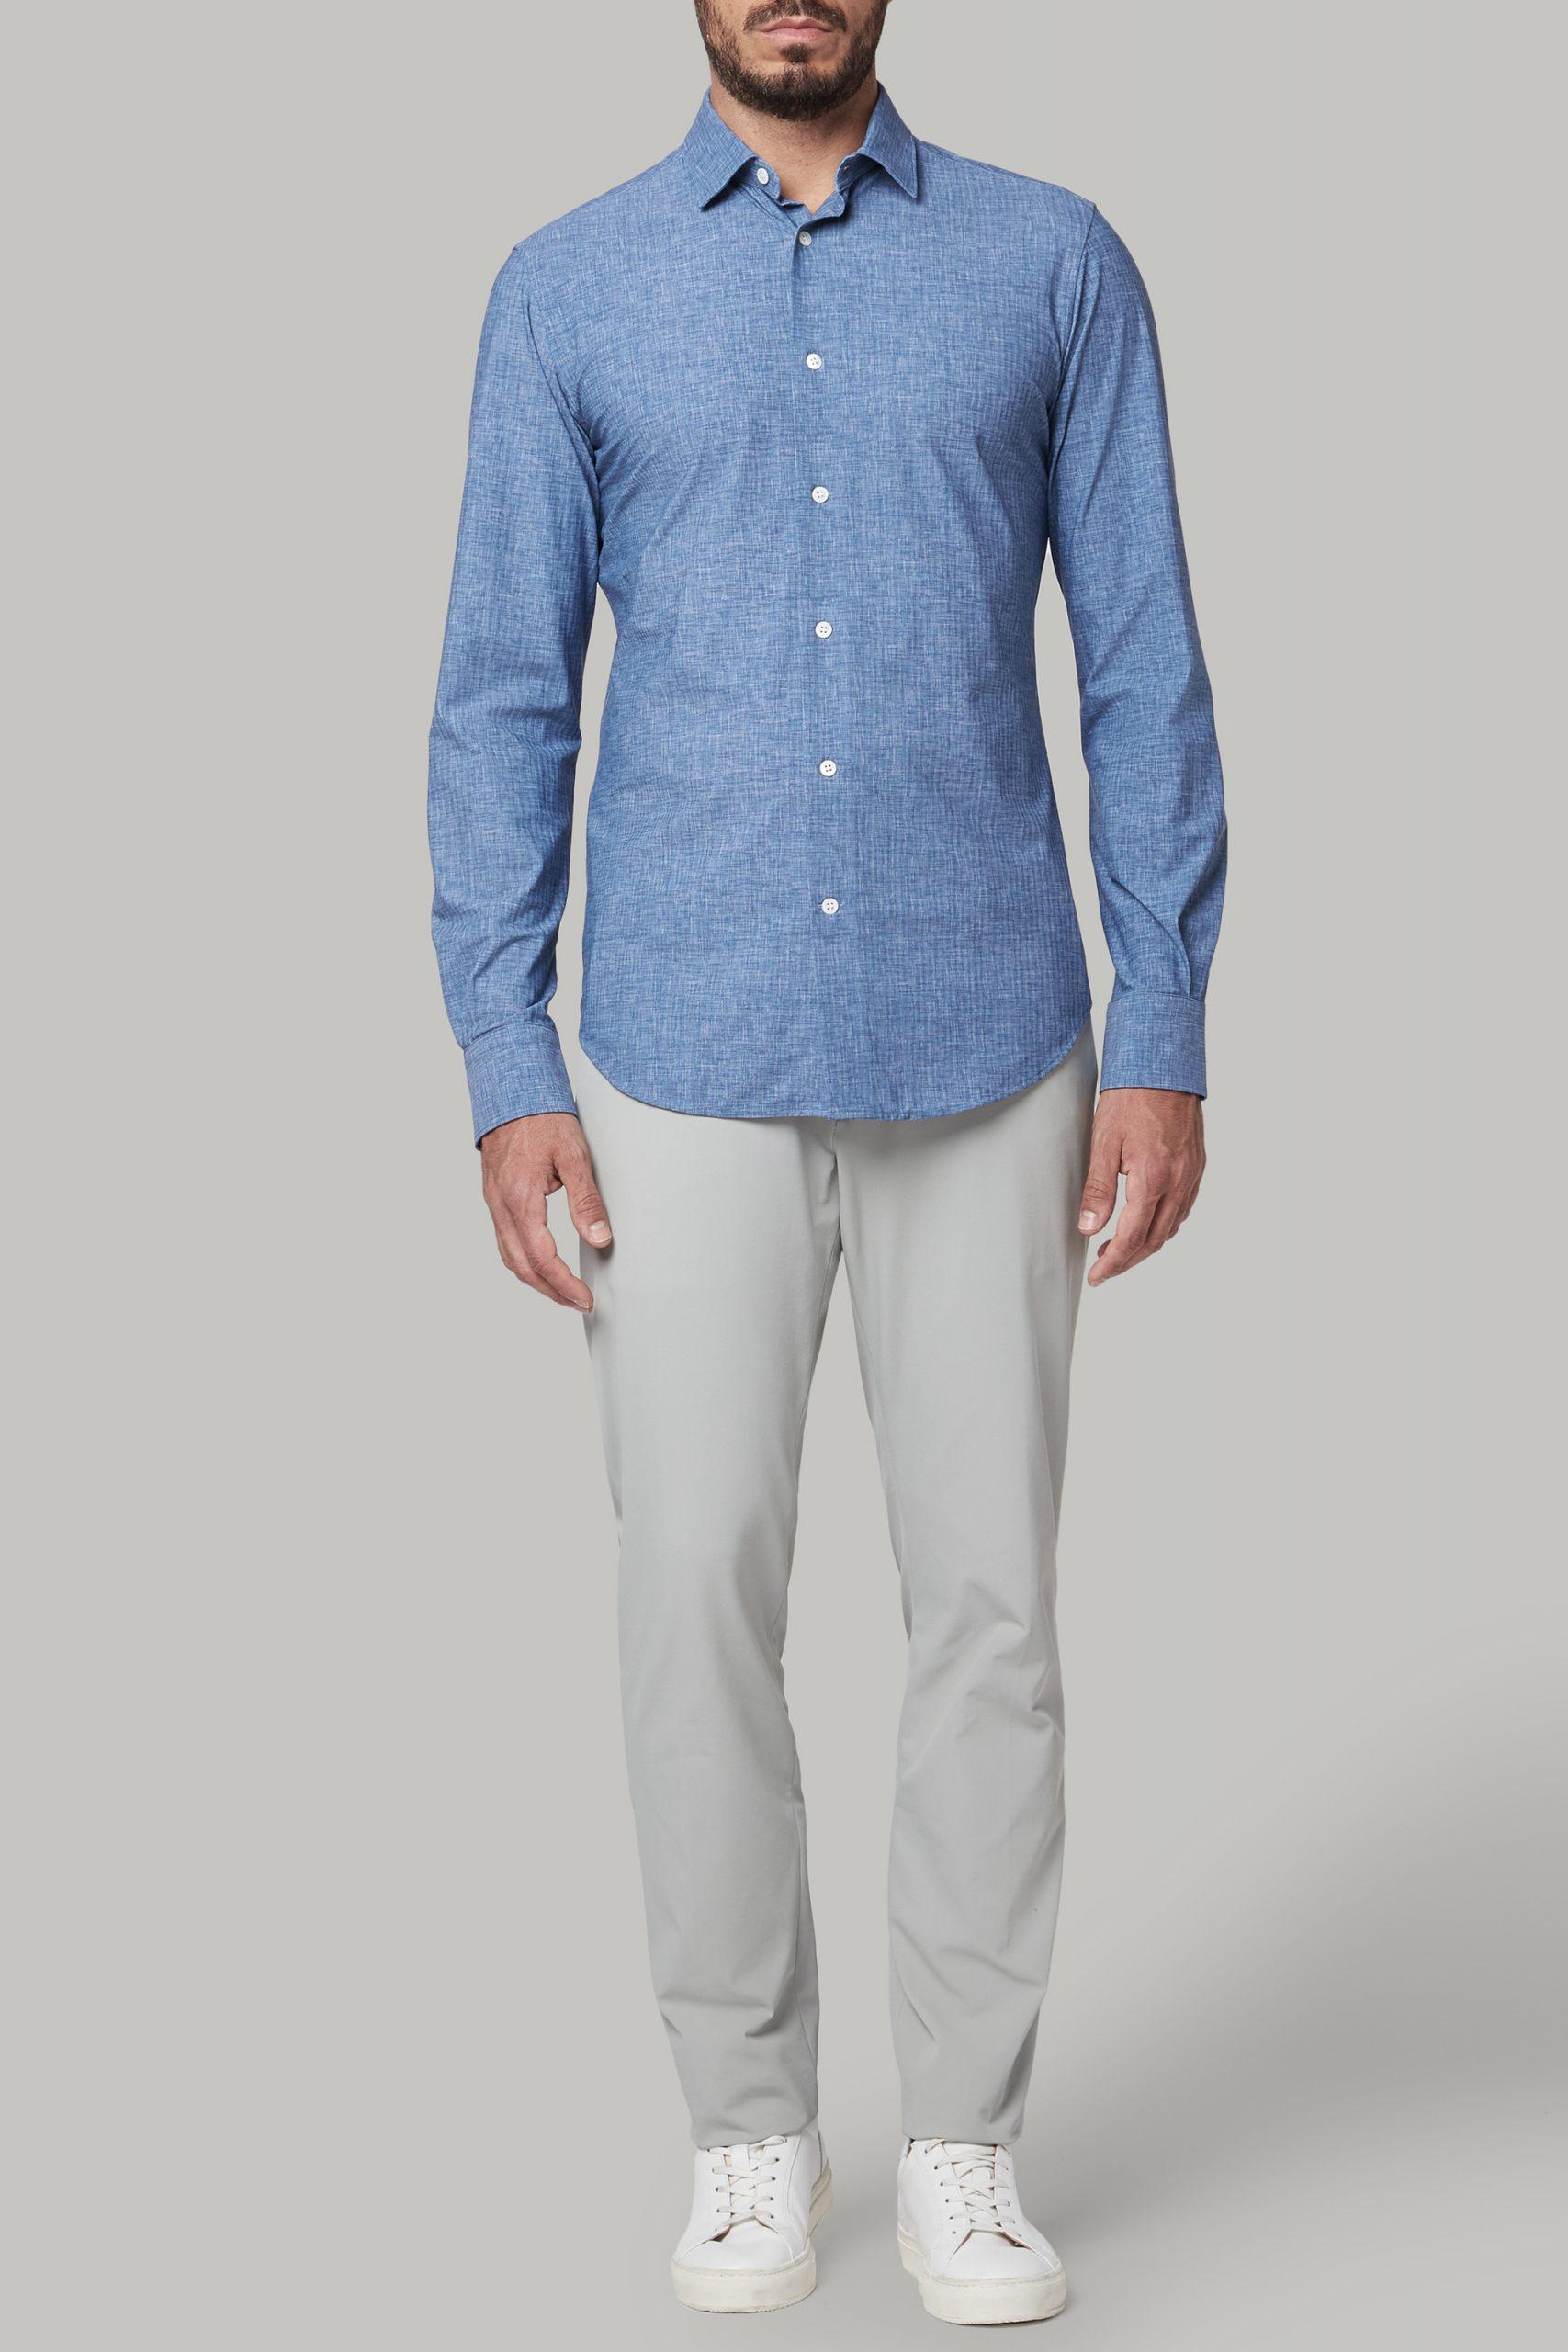 Camicie da uomo in colore Blu in materiale